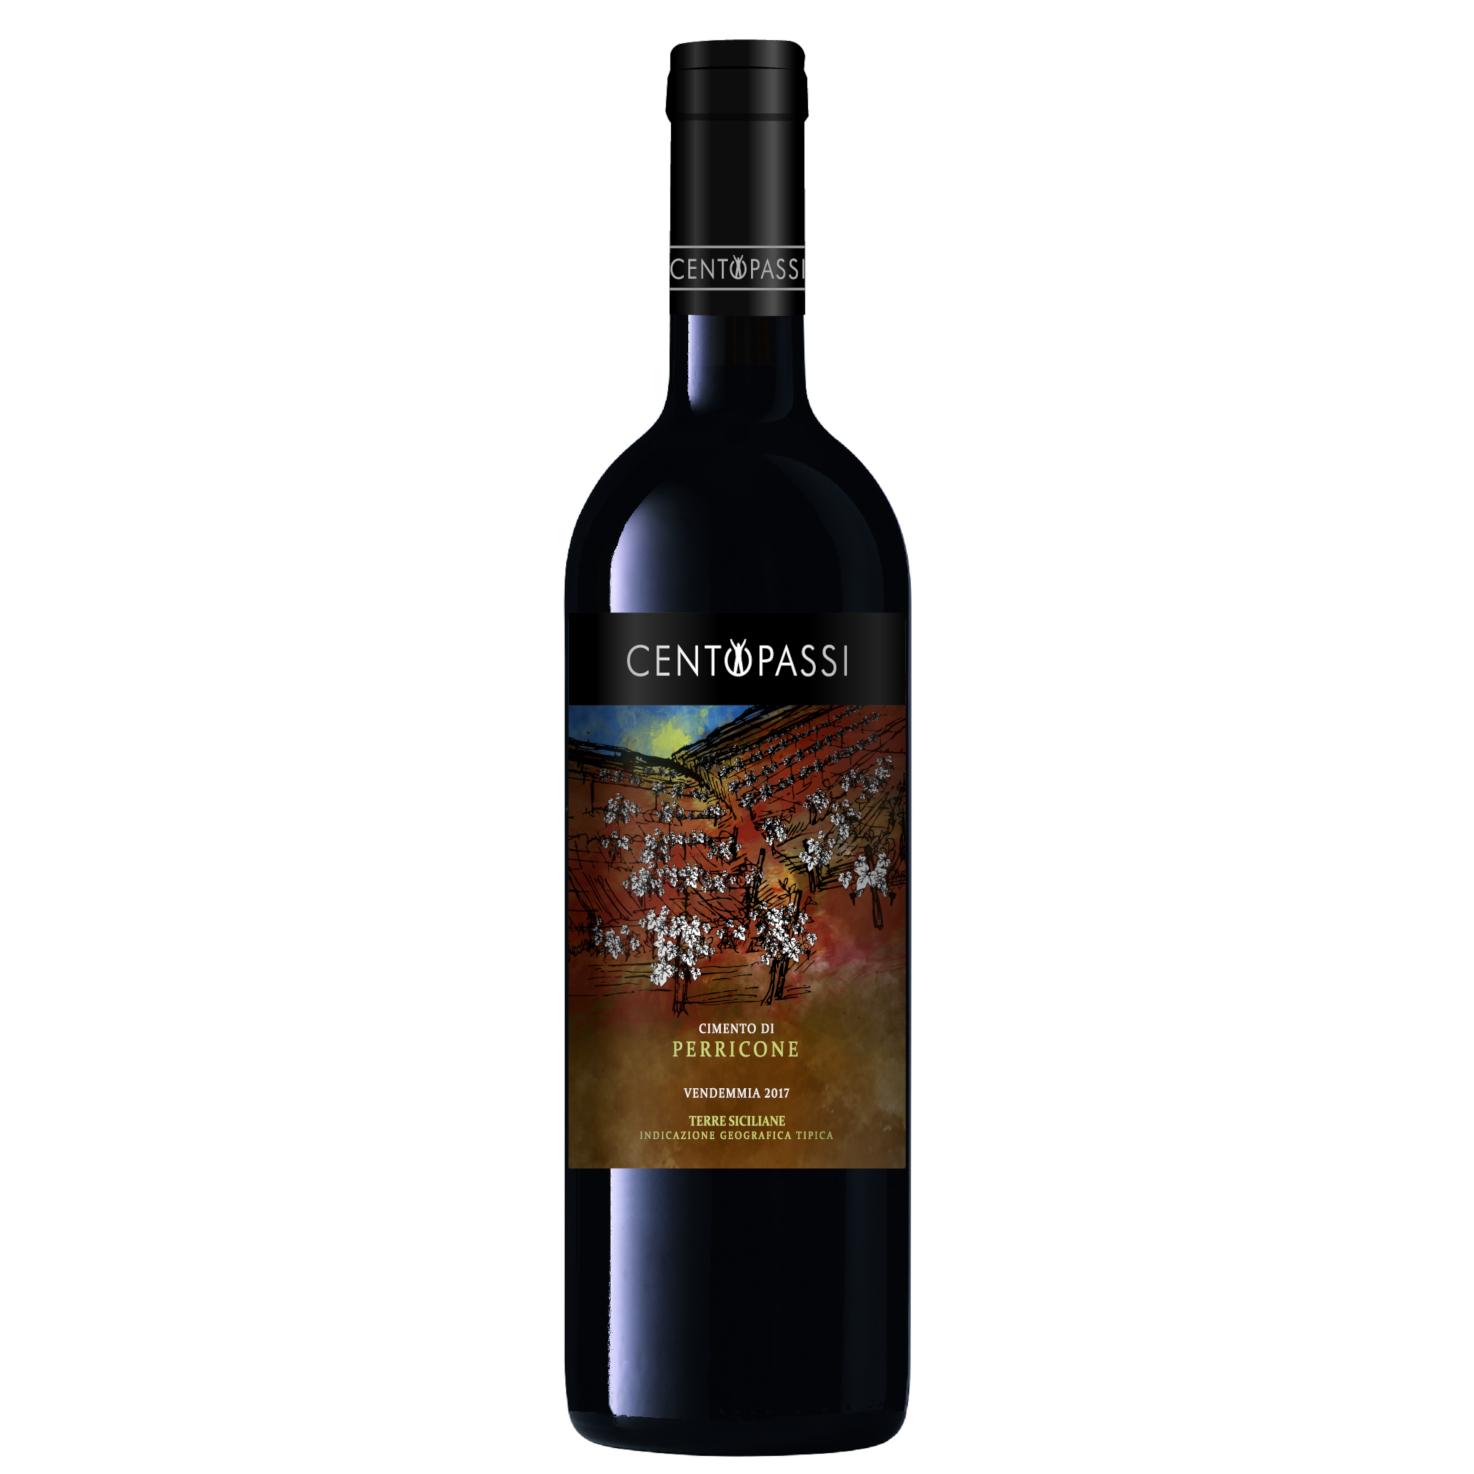 Perricone – Cimento Di Perricone – Terre Siciliane IGT 2017 75cl